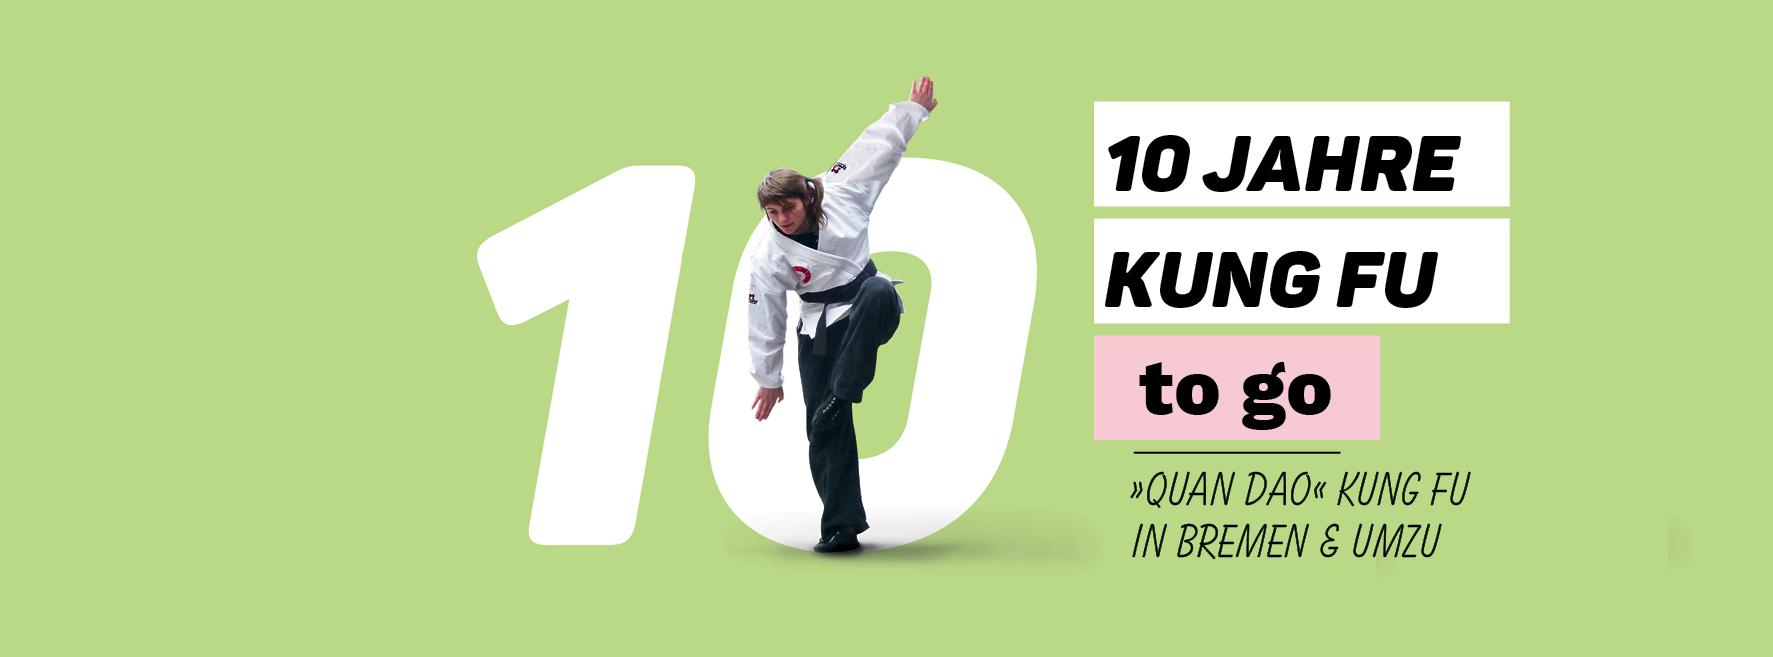 """10 Jahre """"KUNG FU to go"""" in Bremen und UmzuEinladungsdesign – ein Projekt von Simon Sleegers"""